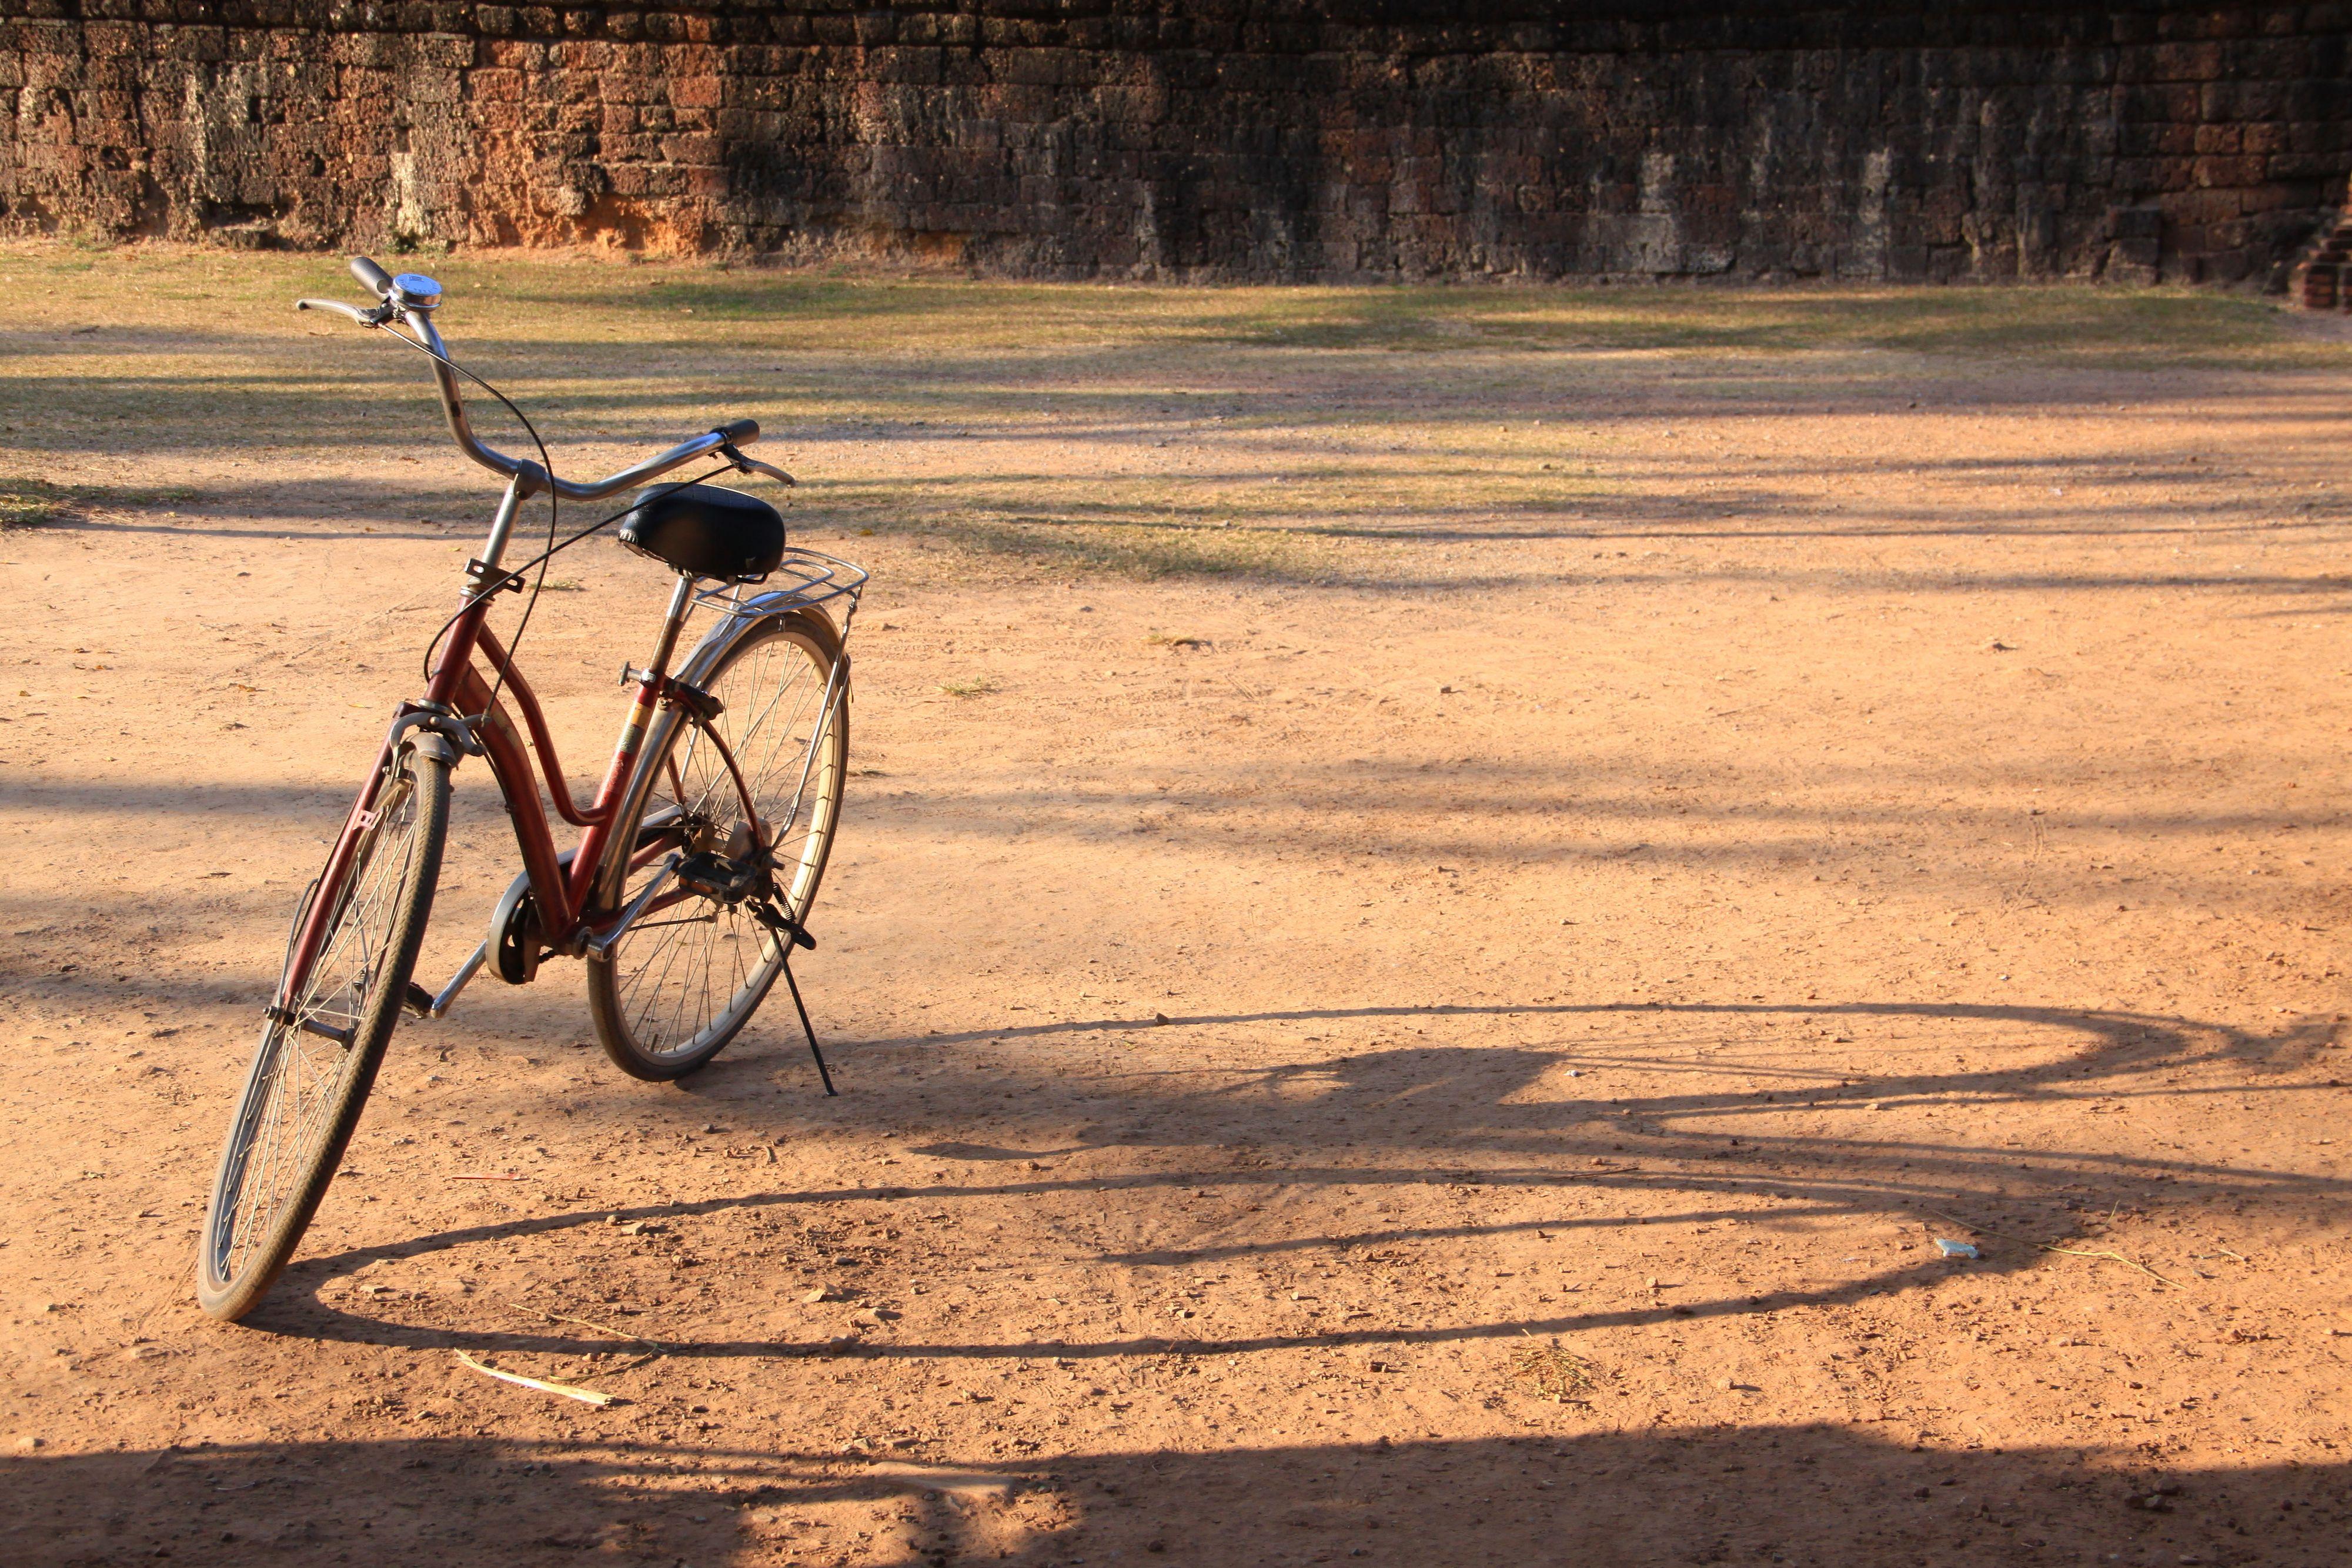 En eller to sykler? Å leke med skygger kan gi morsomme resultater.Foto: Shutterstock/momopixs